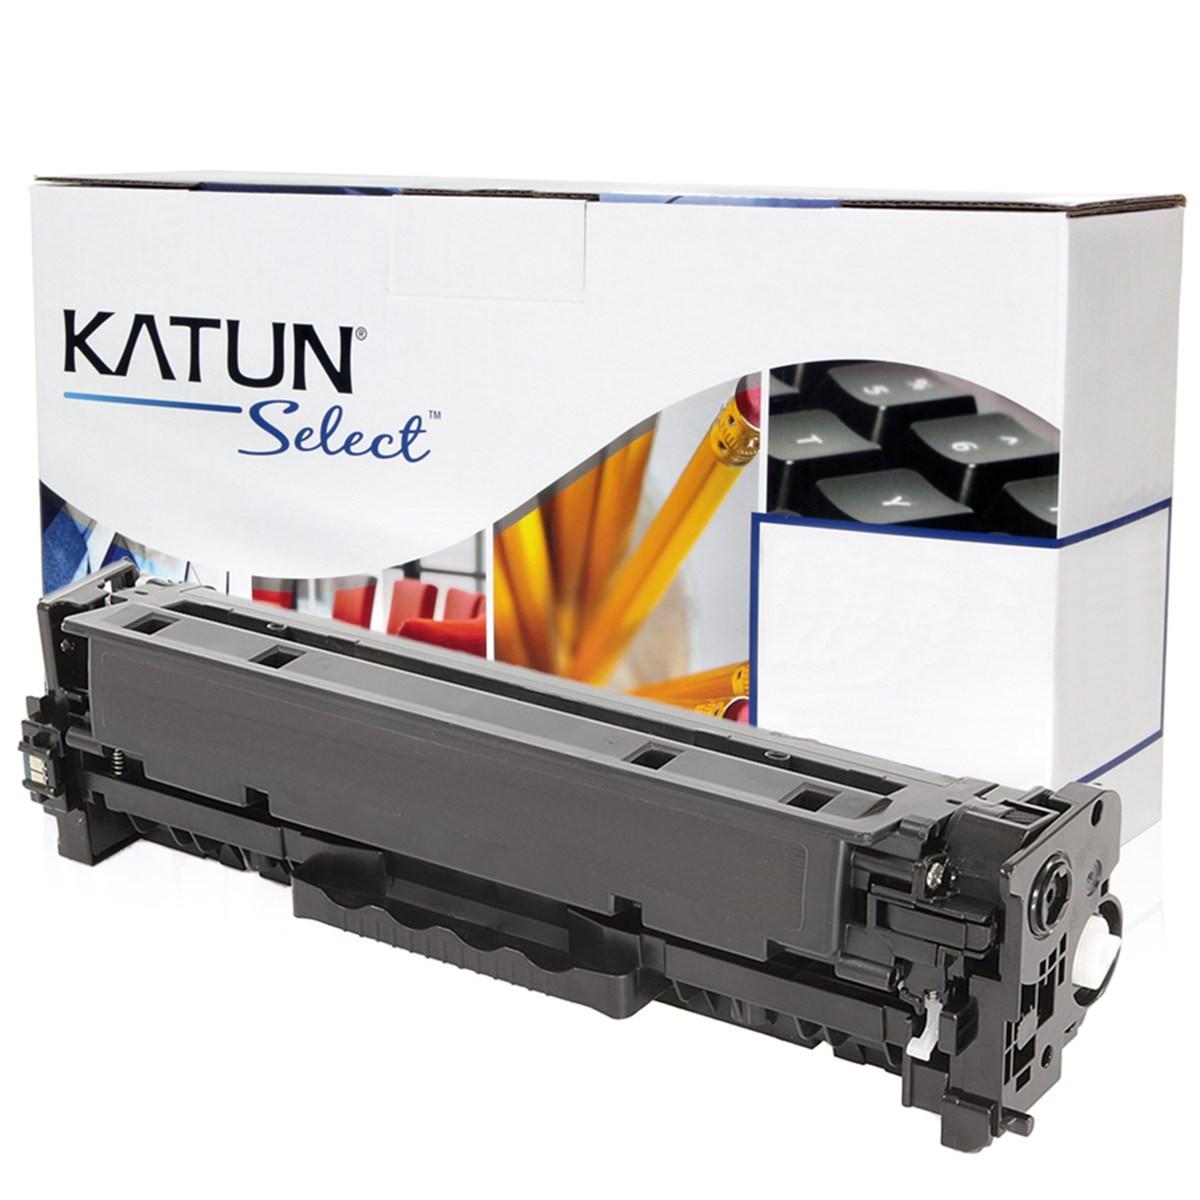 Toner Compatível com HP CF383A 83A 312A Magenta | M476 M476DN M476DW M476NW | Katun Select 2.7k